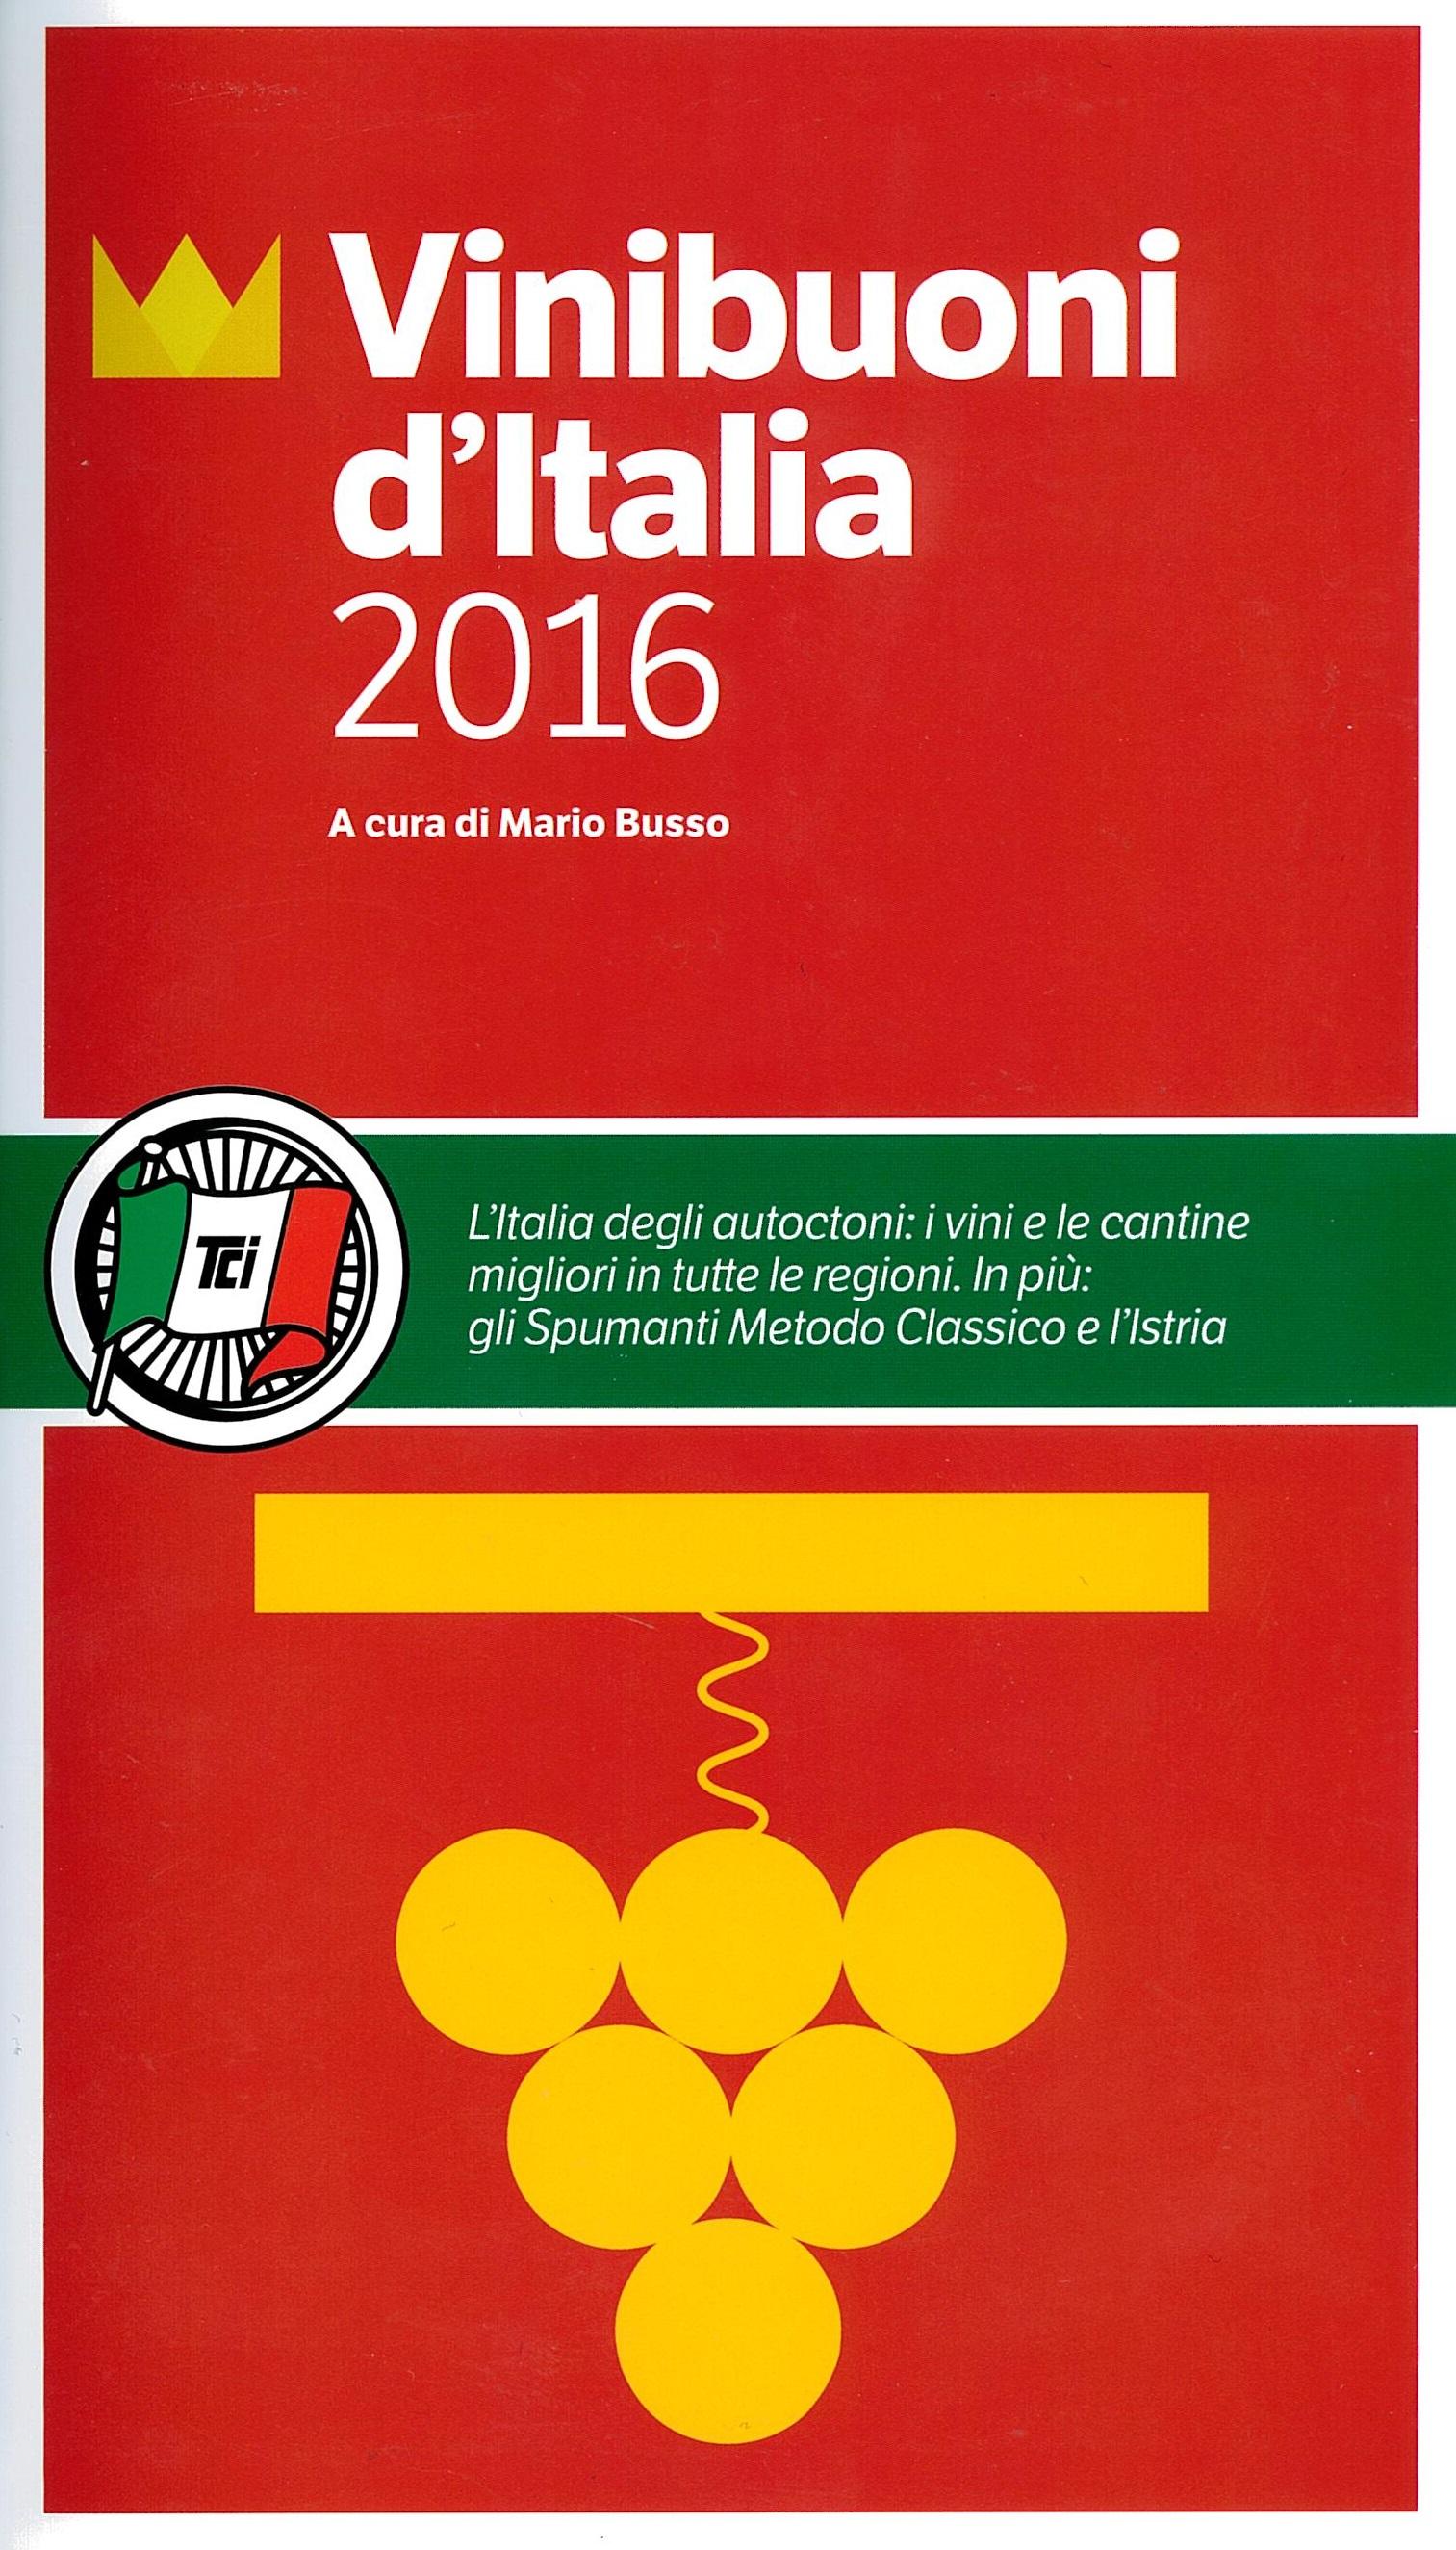 Touring Editore_Vinibuoni d'Italia_2016_Cover.jpg